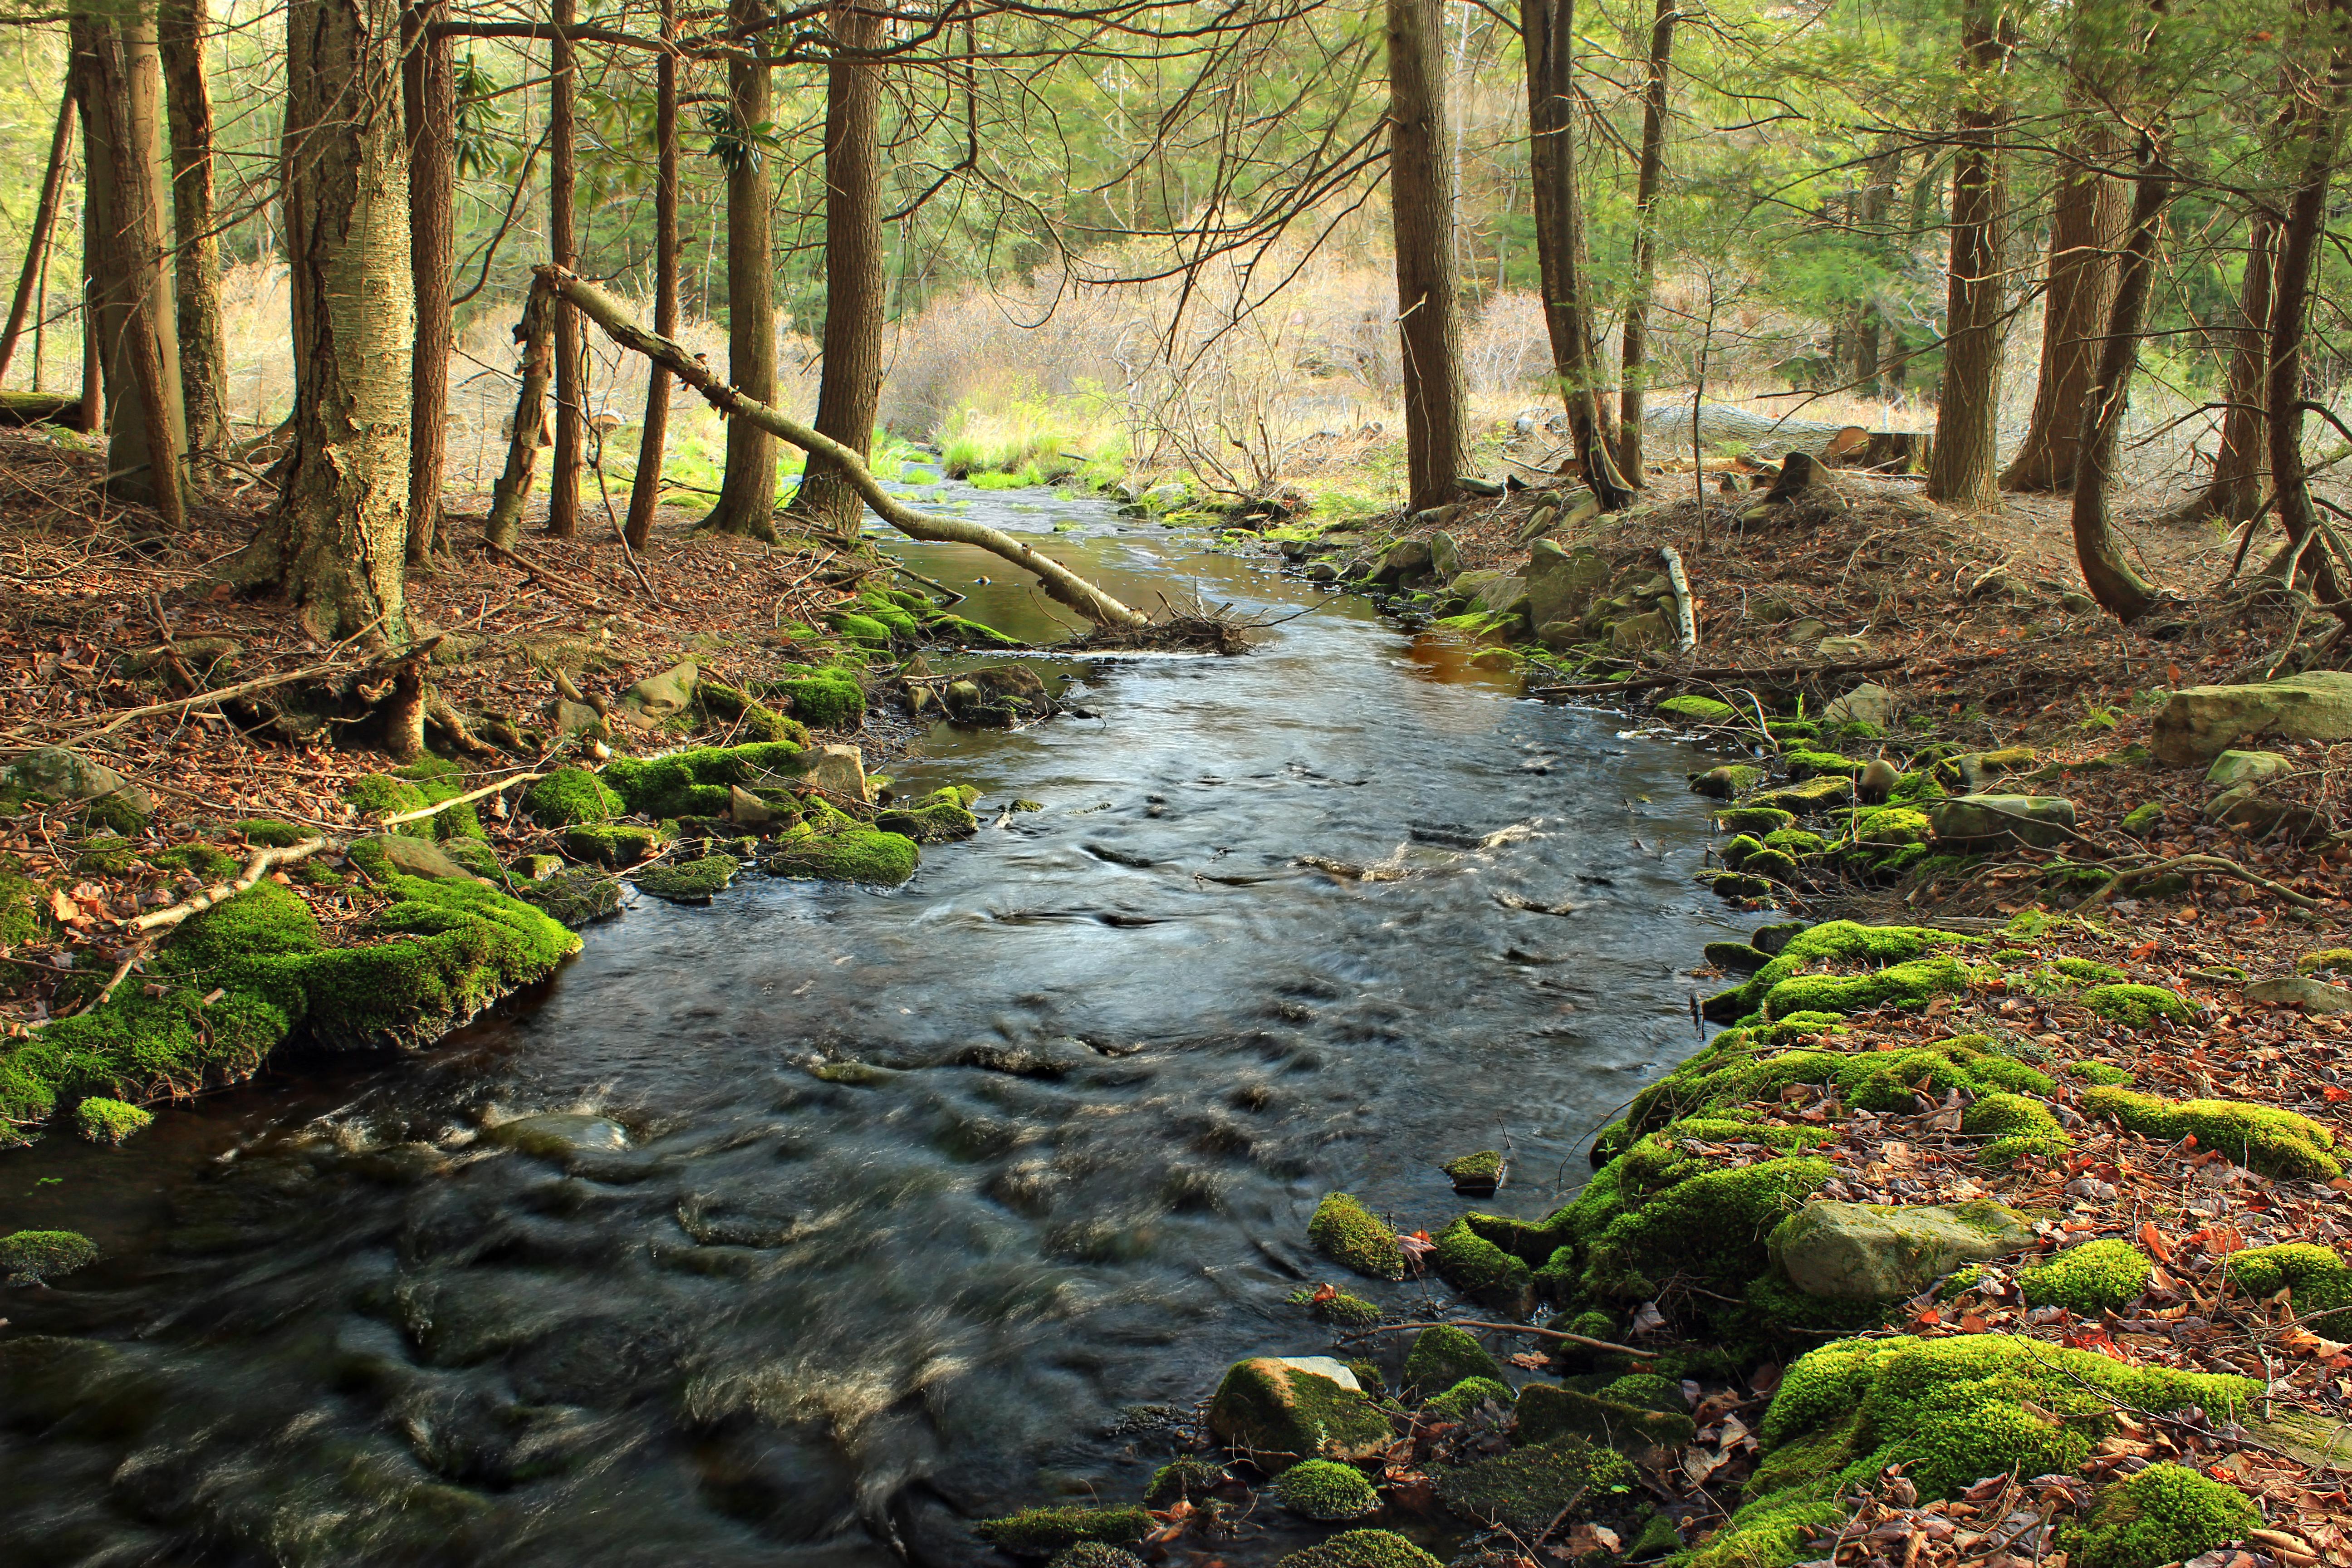 коже фото ручей в лесу поспешили поздравить